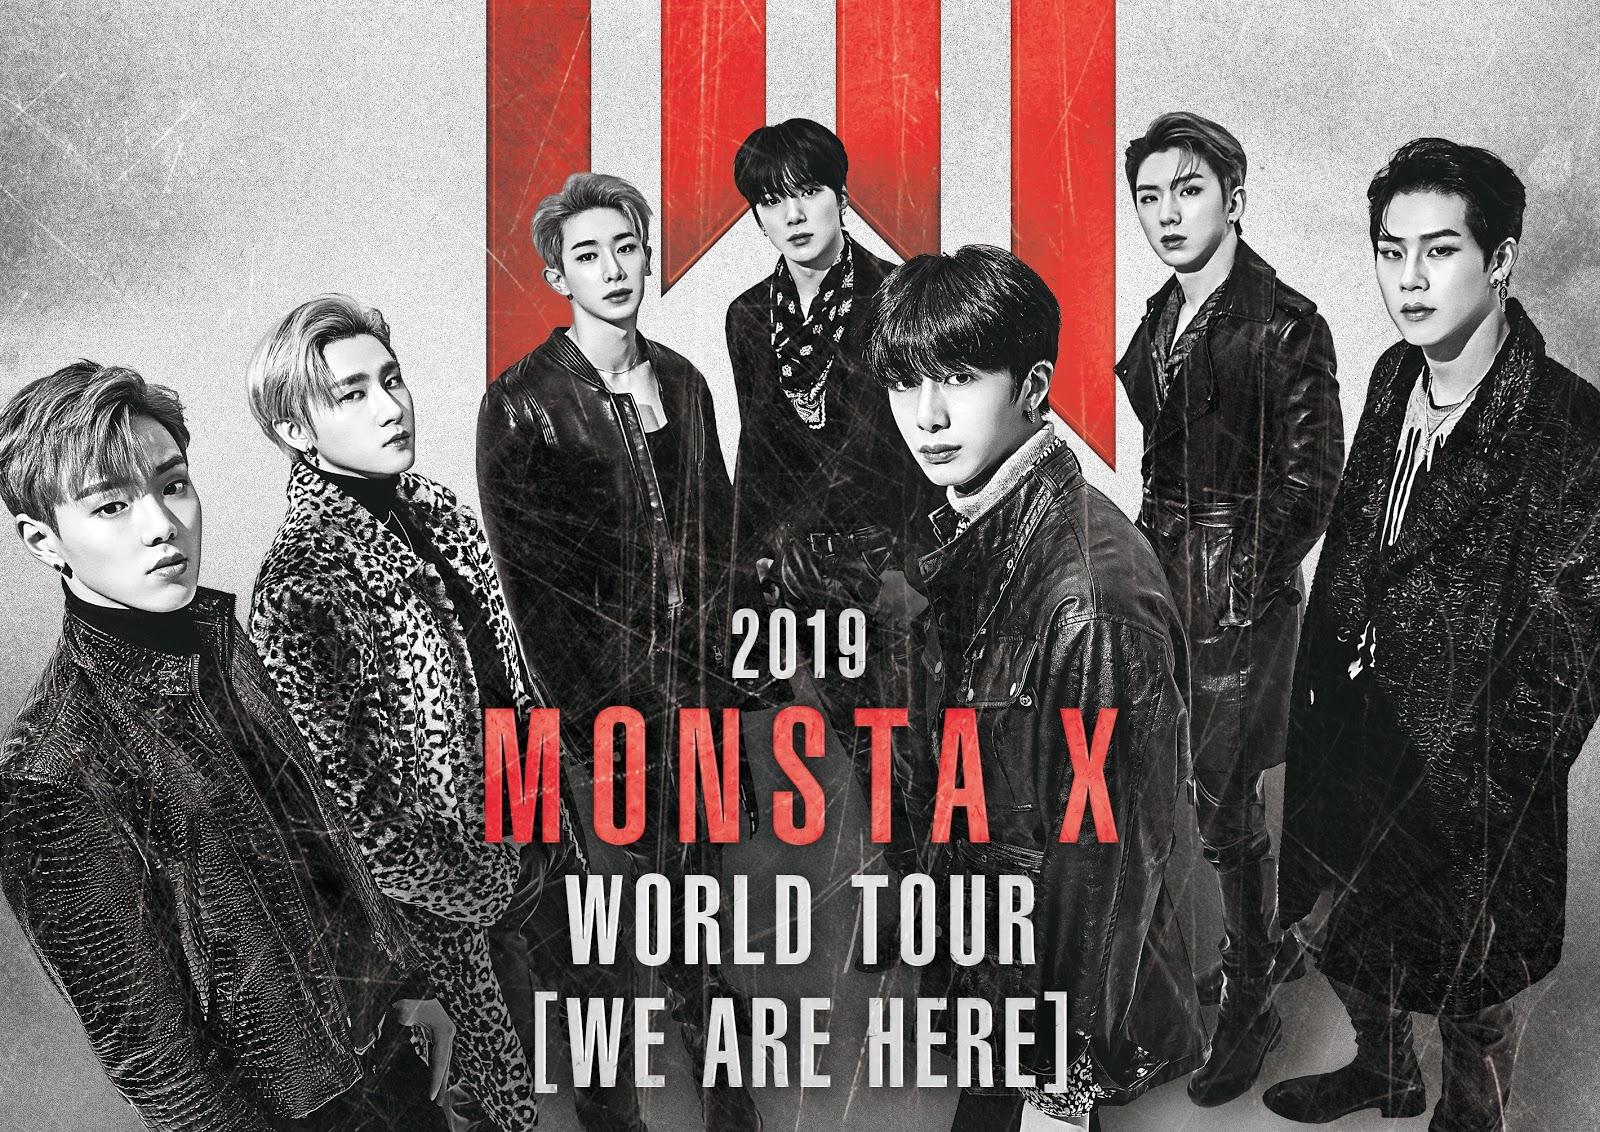 monsta-x-2019-poster_2